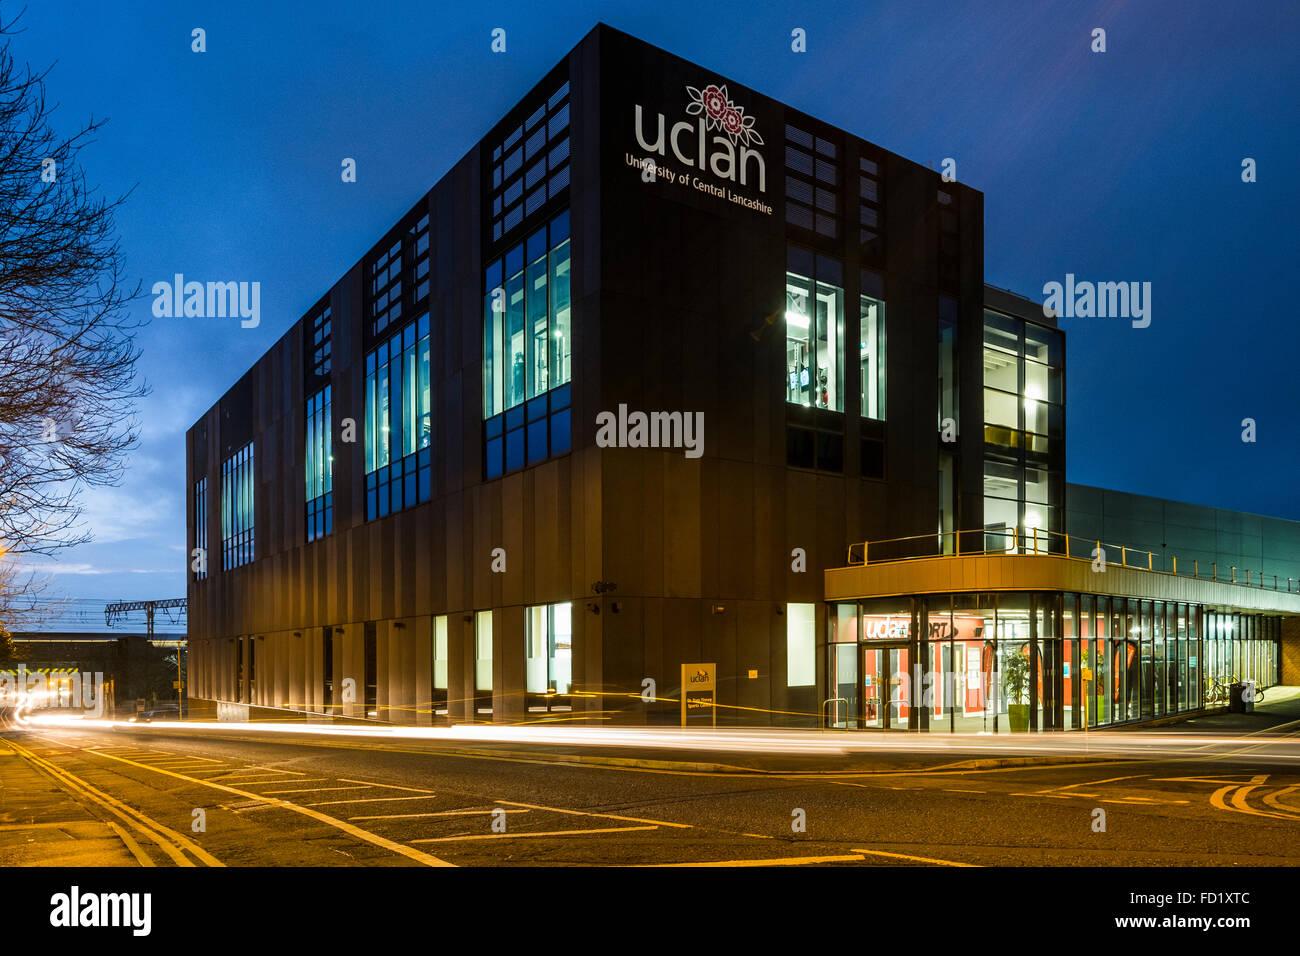 Il Sir Tom Finney centro sportivo presso la University of Central Lancashire (UCLAN) in Preston Immagini Stock